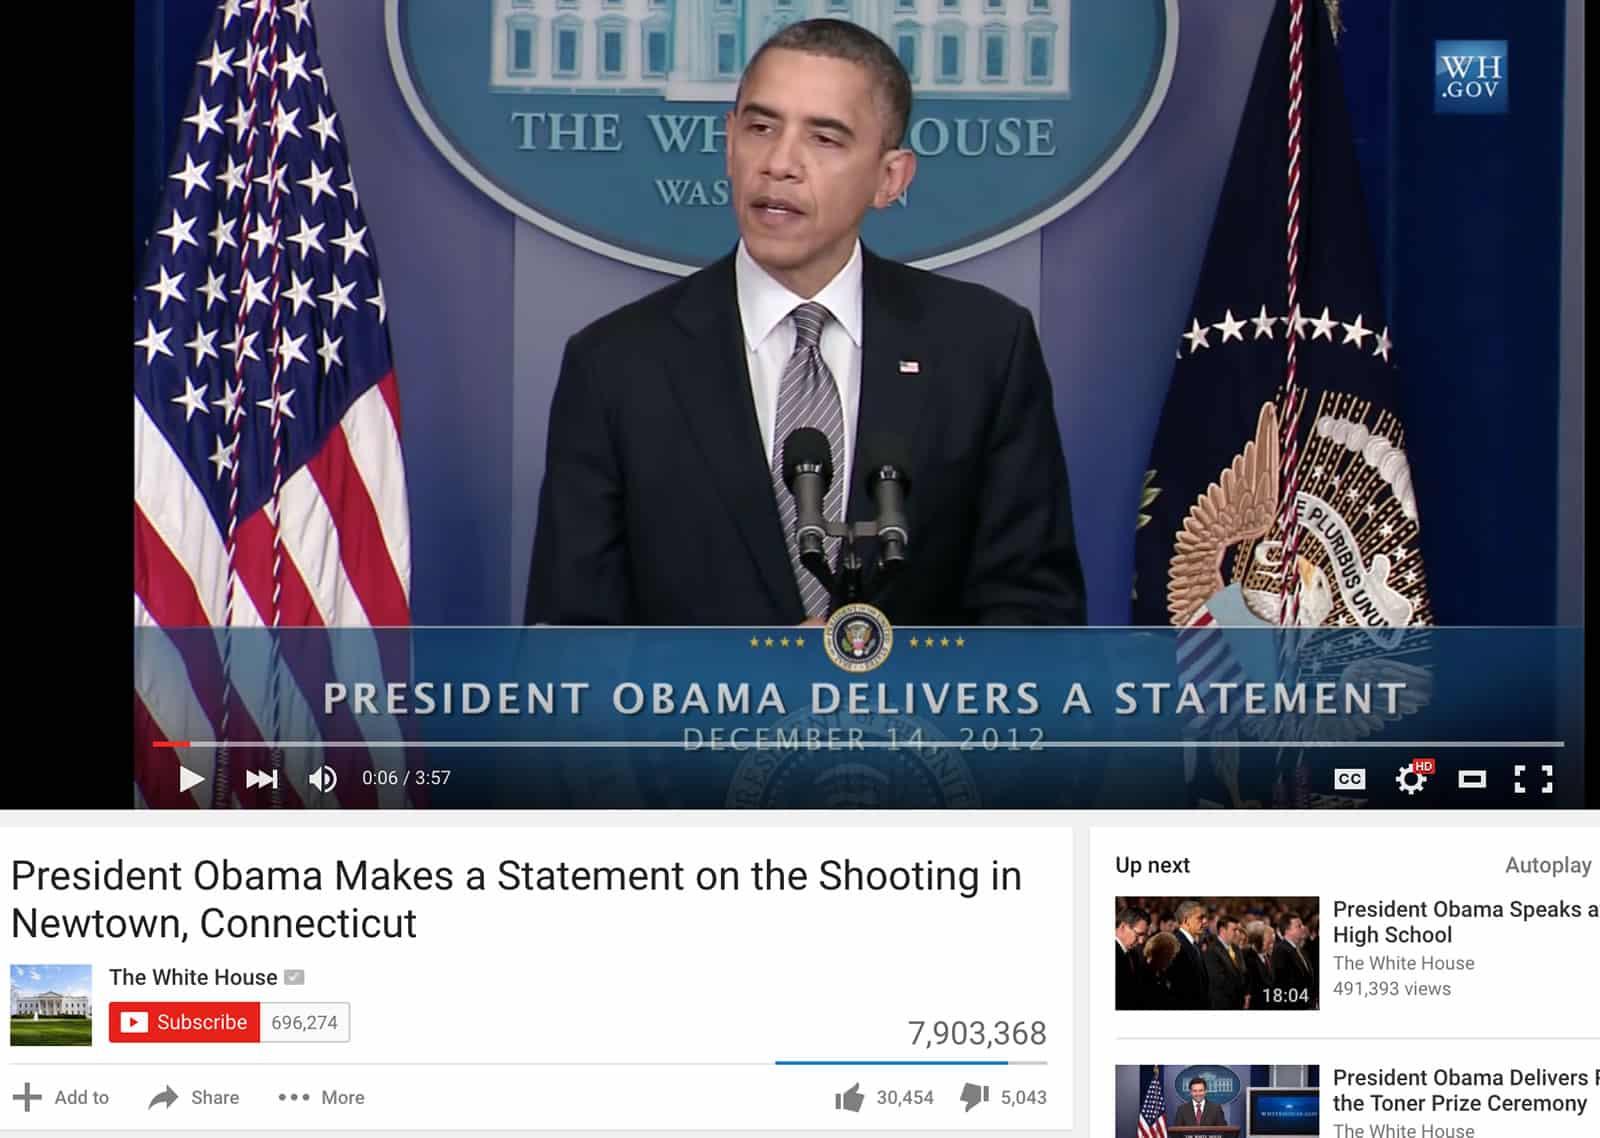 Las intervenciones de Obama en el canal de YouTube de Estados Unidos, son las más populares.